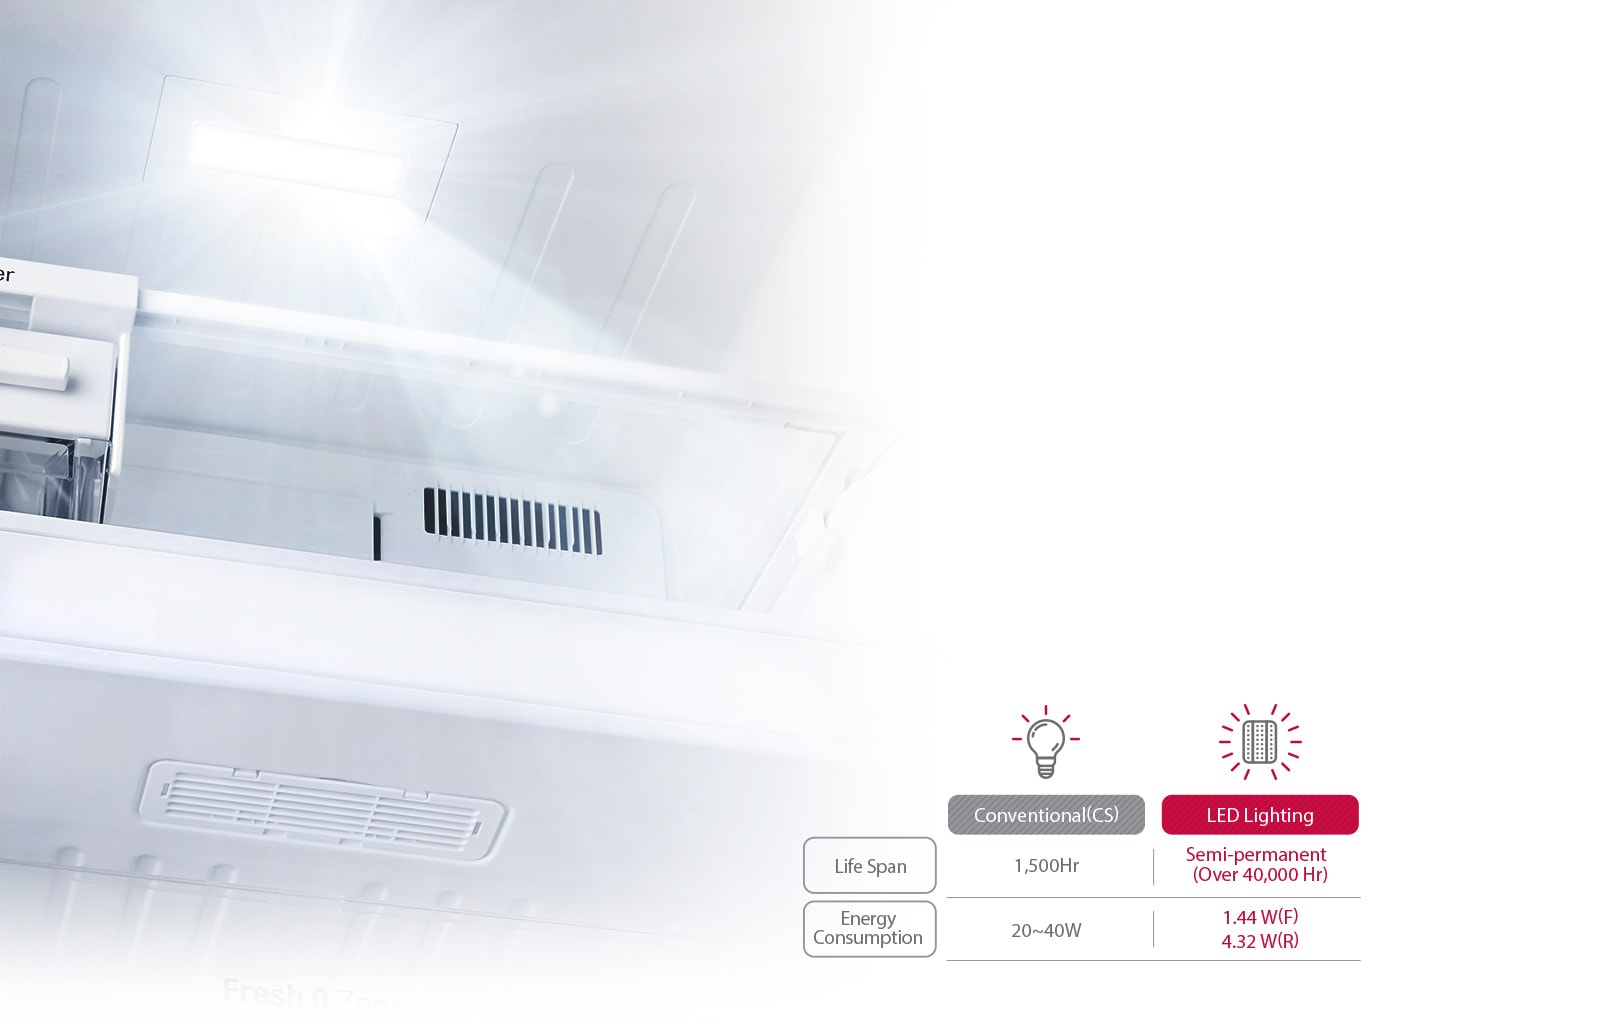 LG GL-T302SPGY 284 Ltr LED Lighting